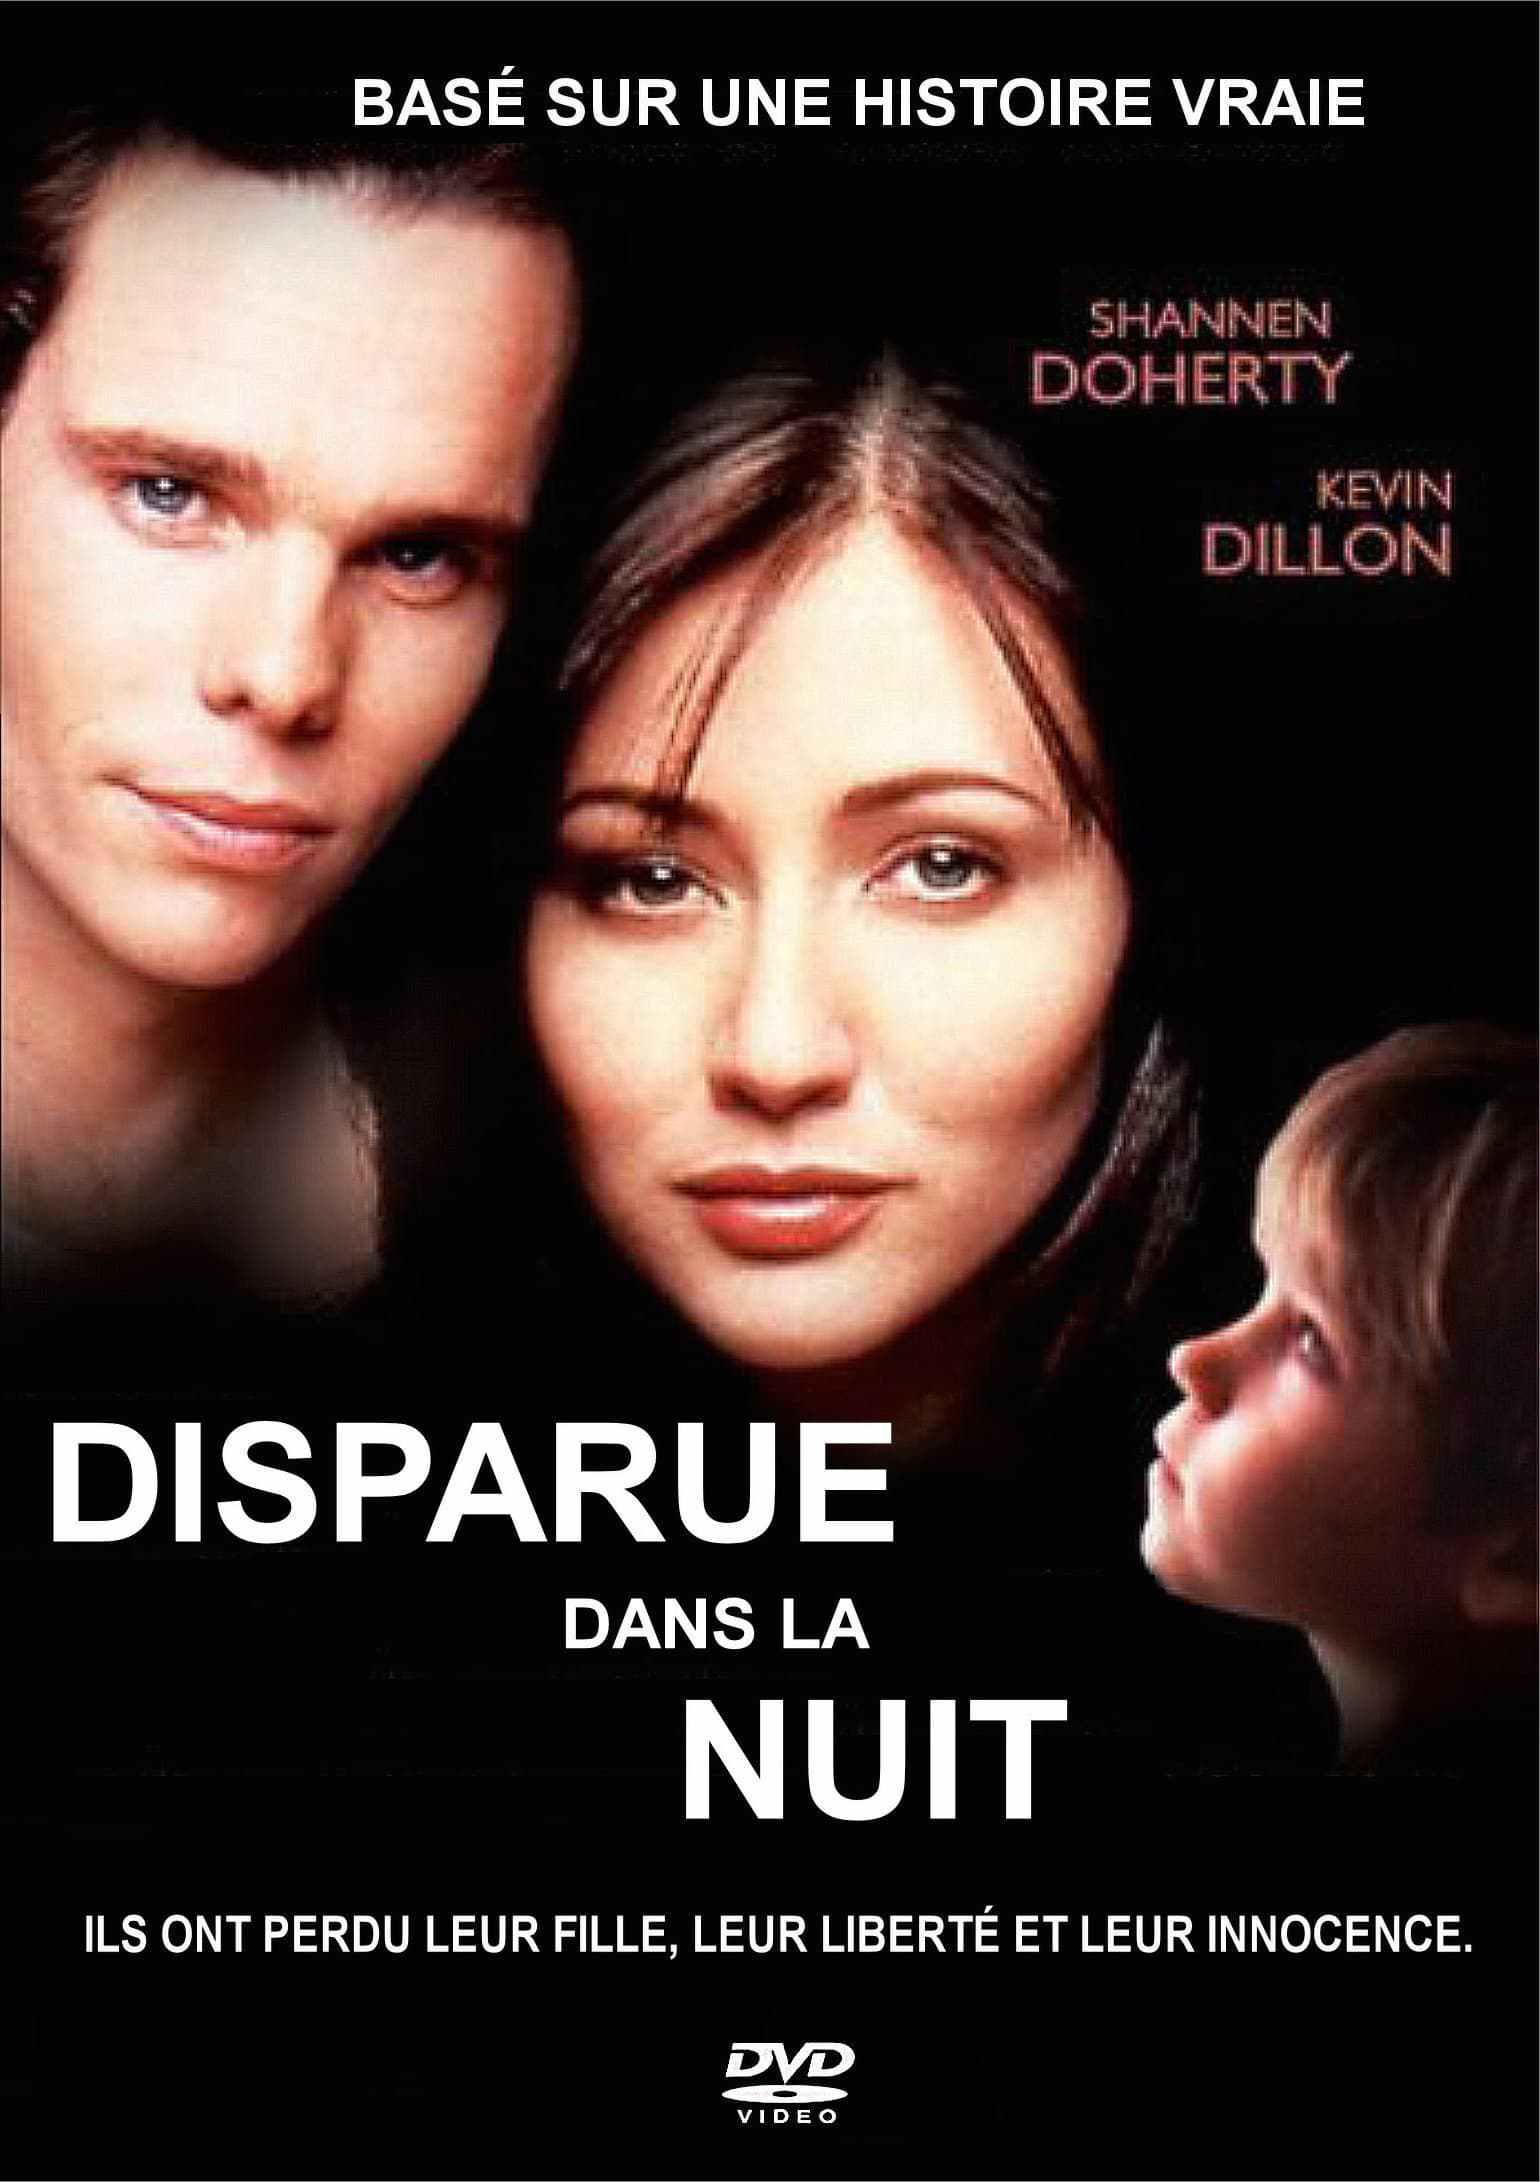 affiche du film Disparue dans la nuit (TV)